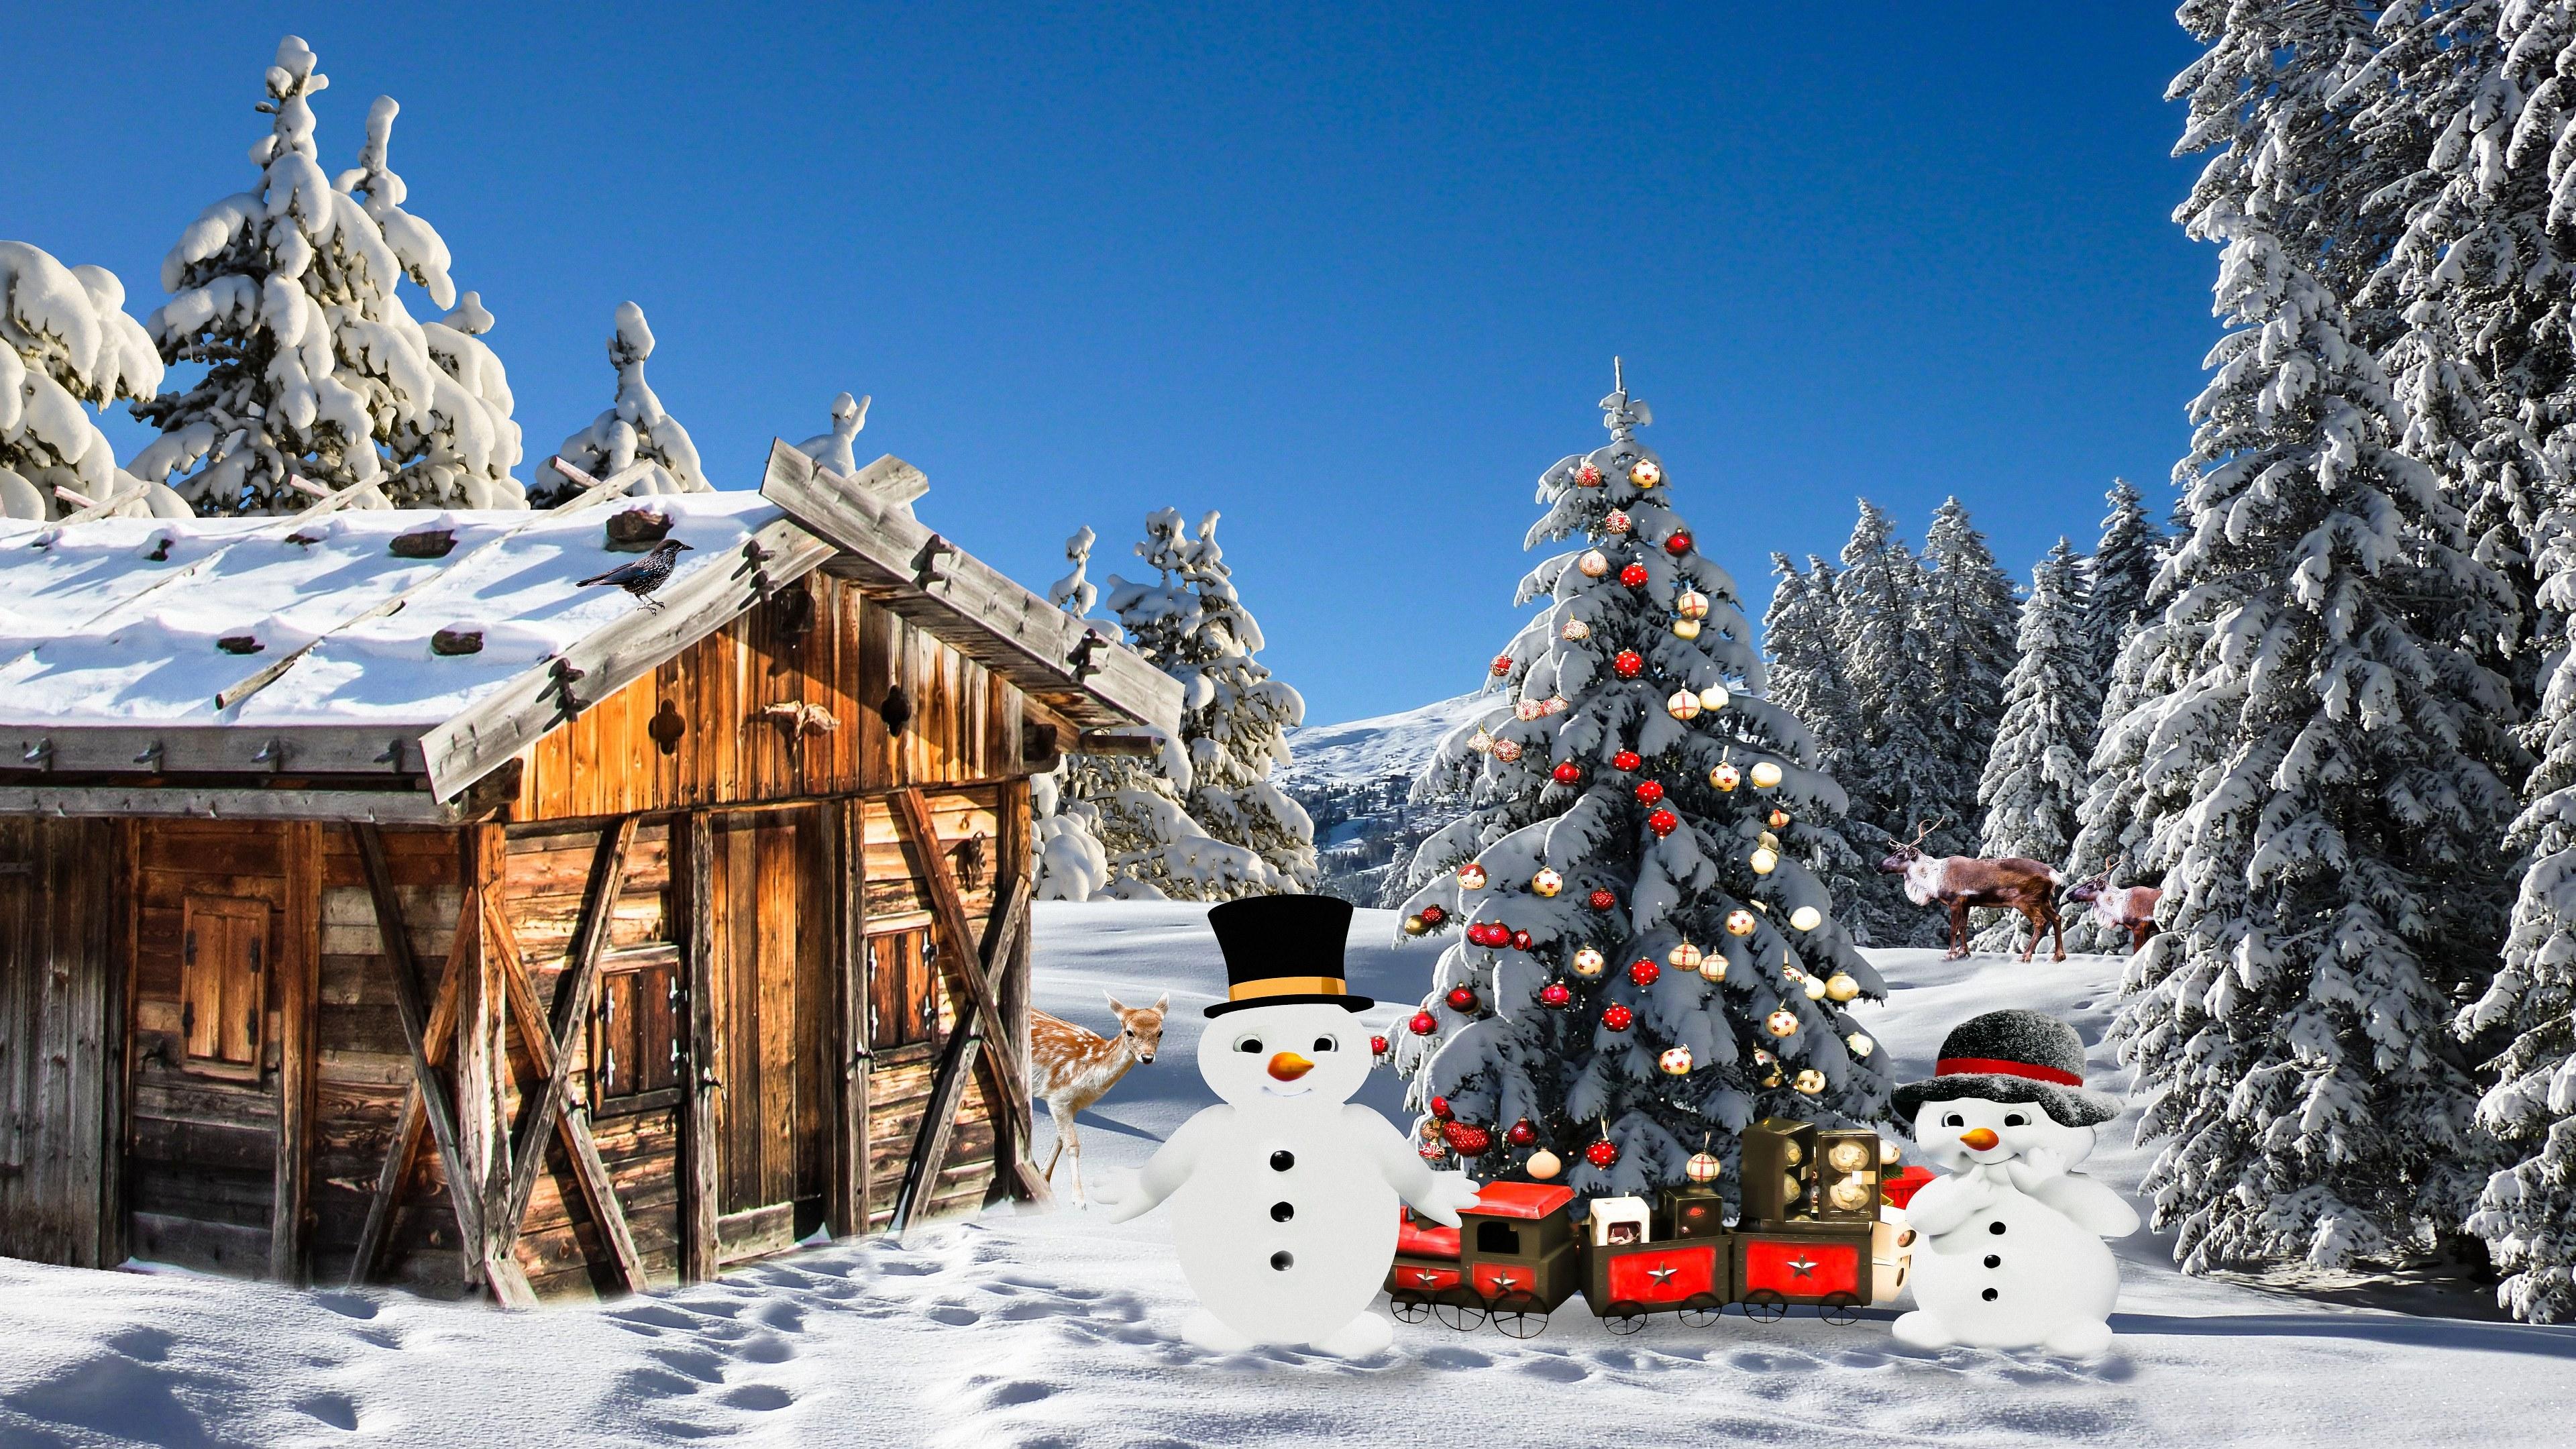 pc hintergrundbilder weihnachten kostenlos. Black Bedroom Furniture Sets. Home Design Ideas